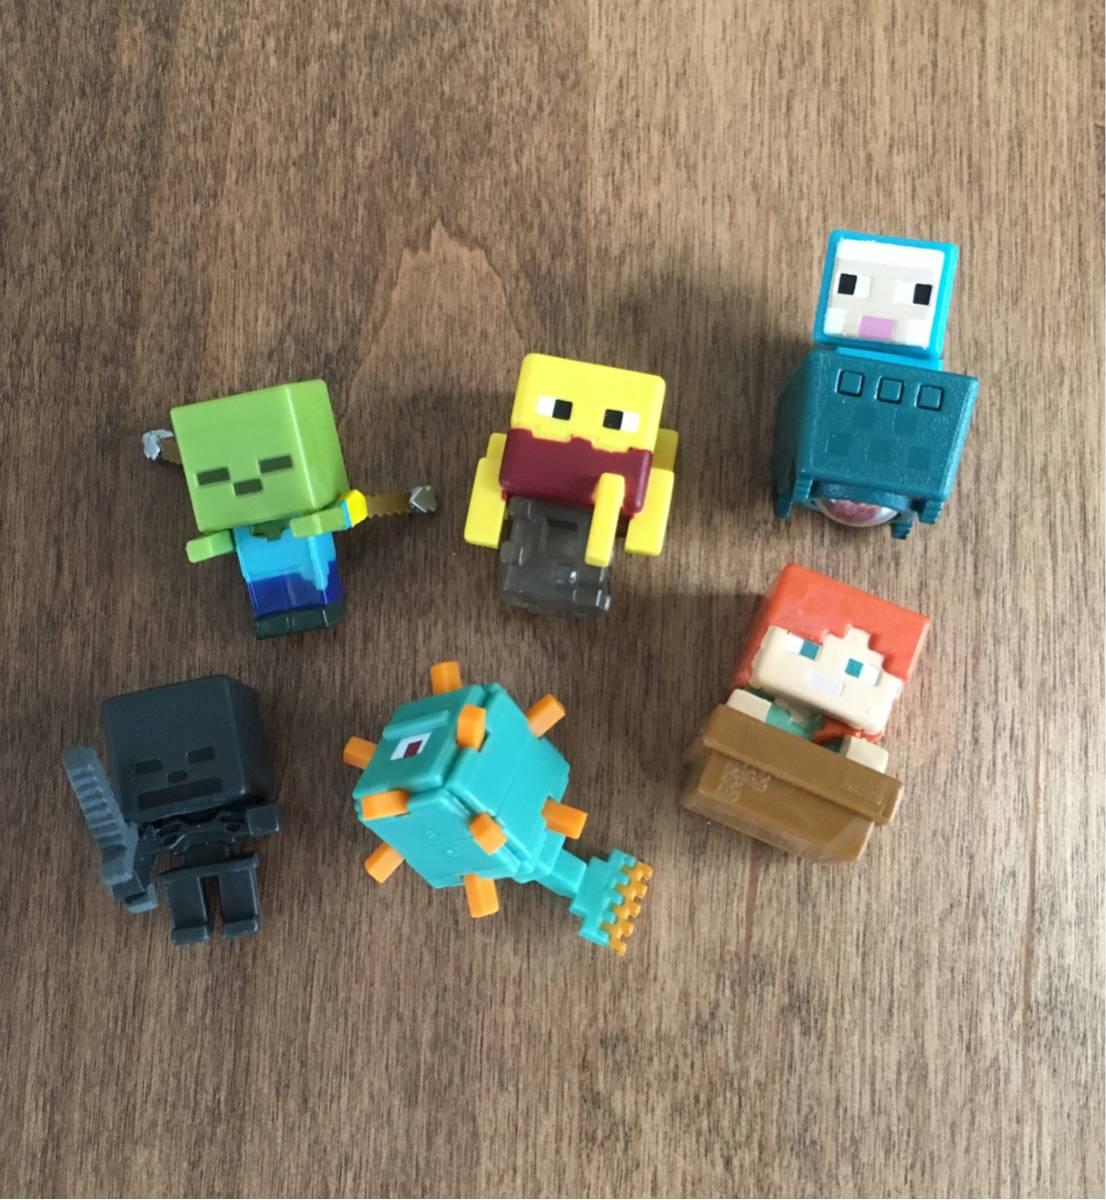 マインクラフト Minecraft コレクタブルミニフィギュア 6個セット グッズの画像